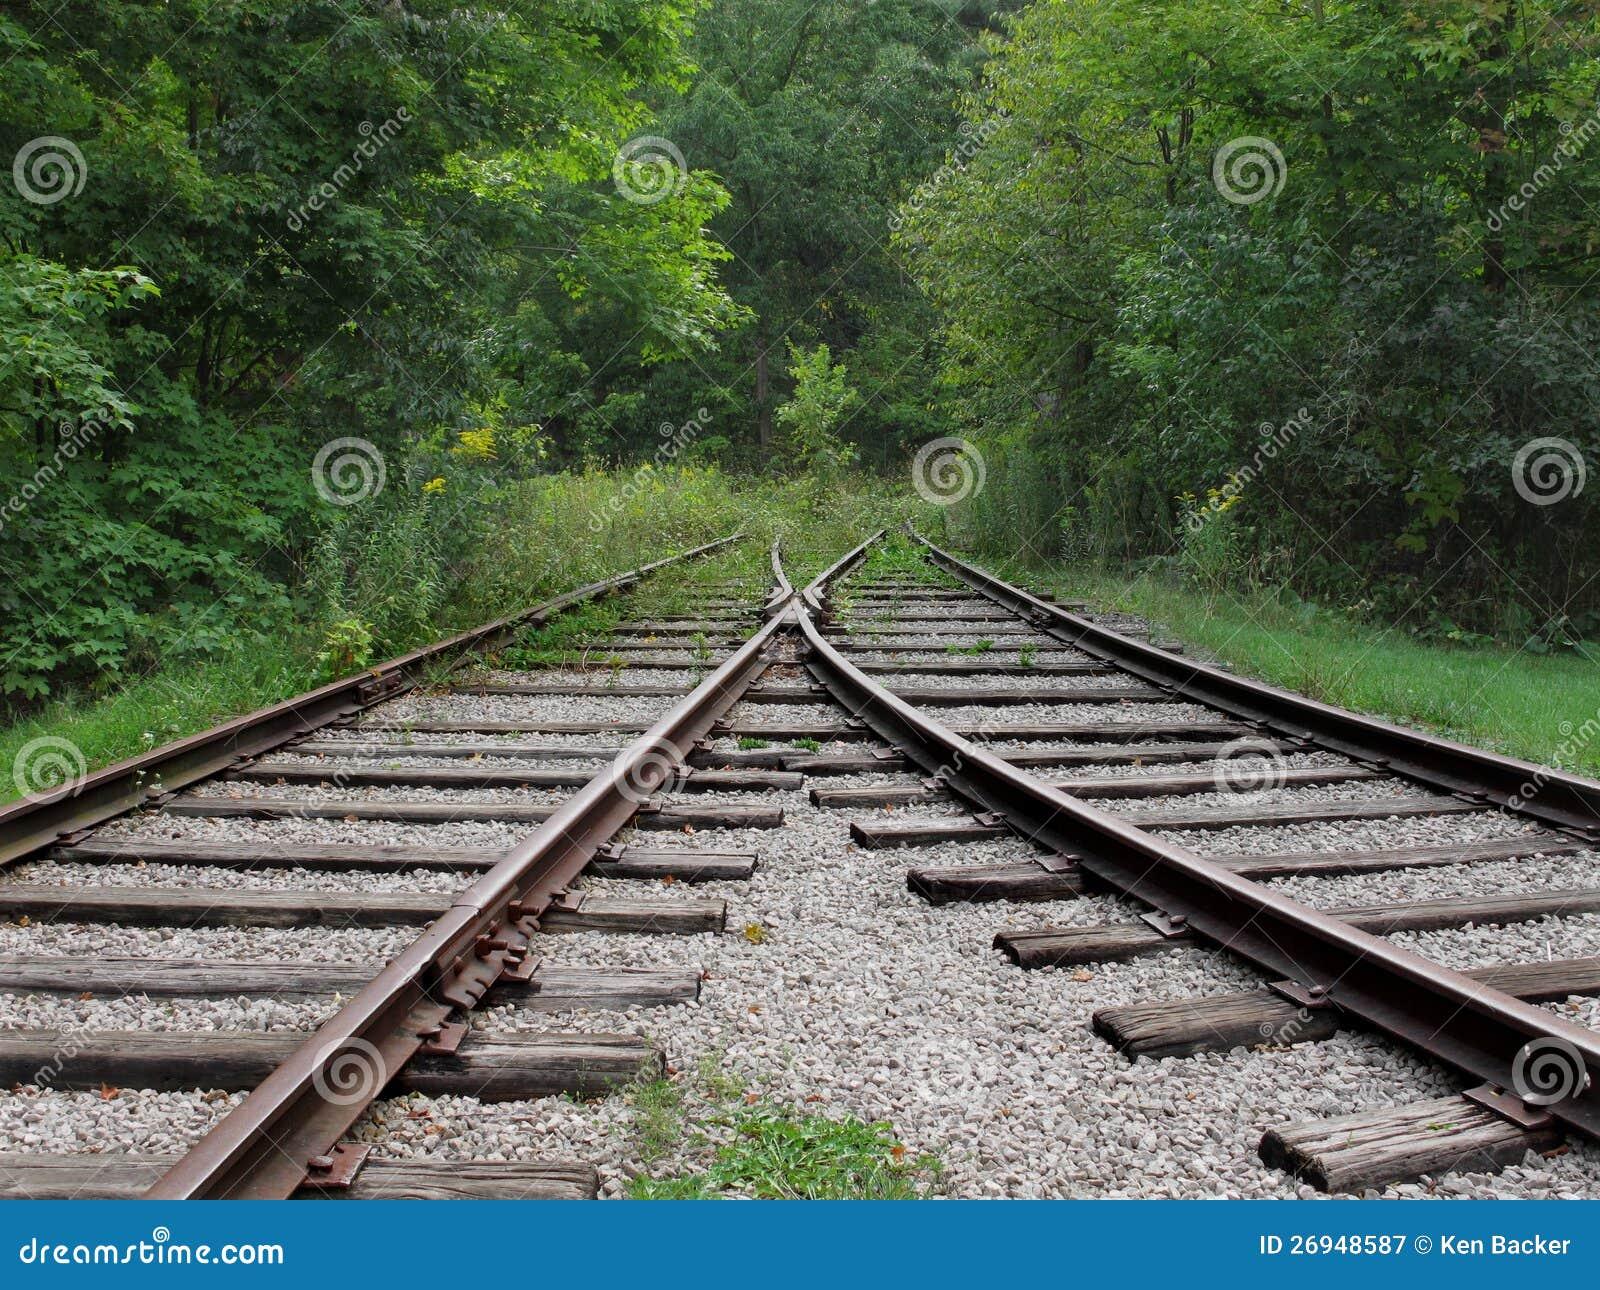 damsel in distress railroad